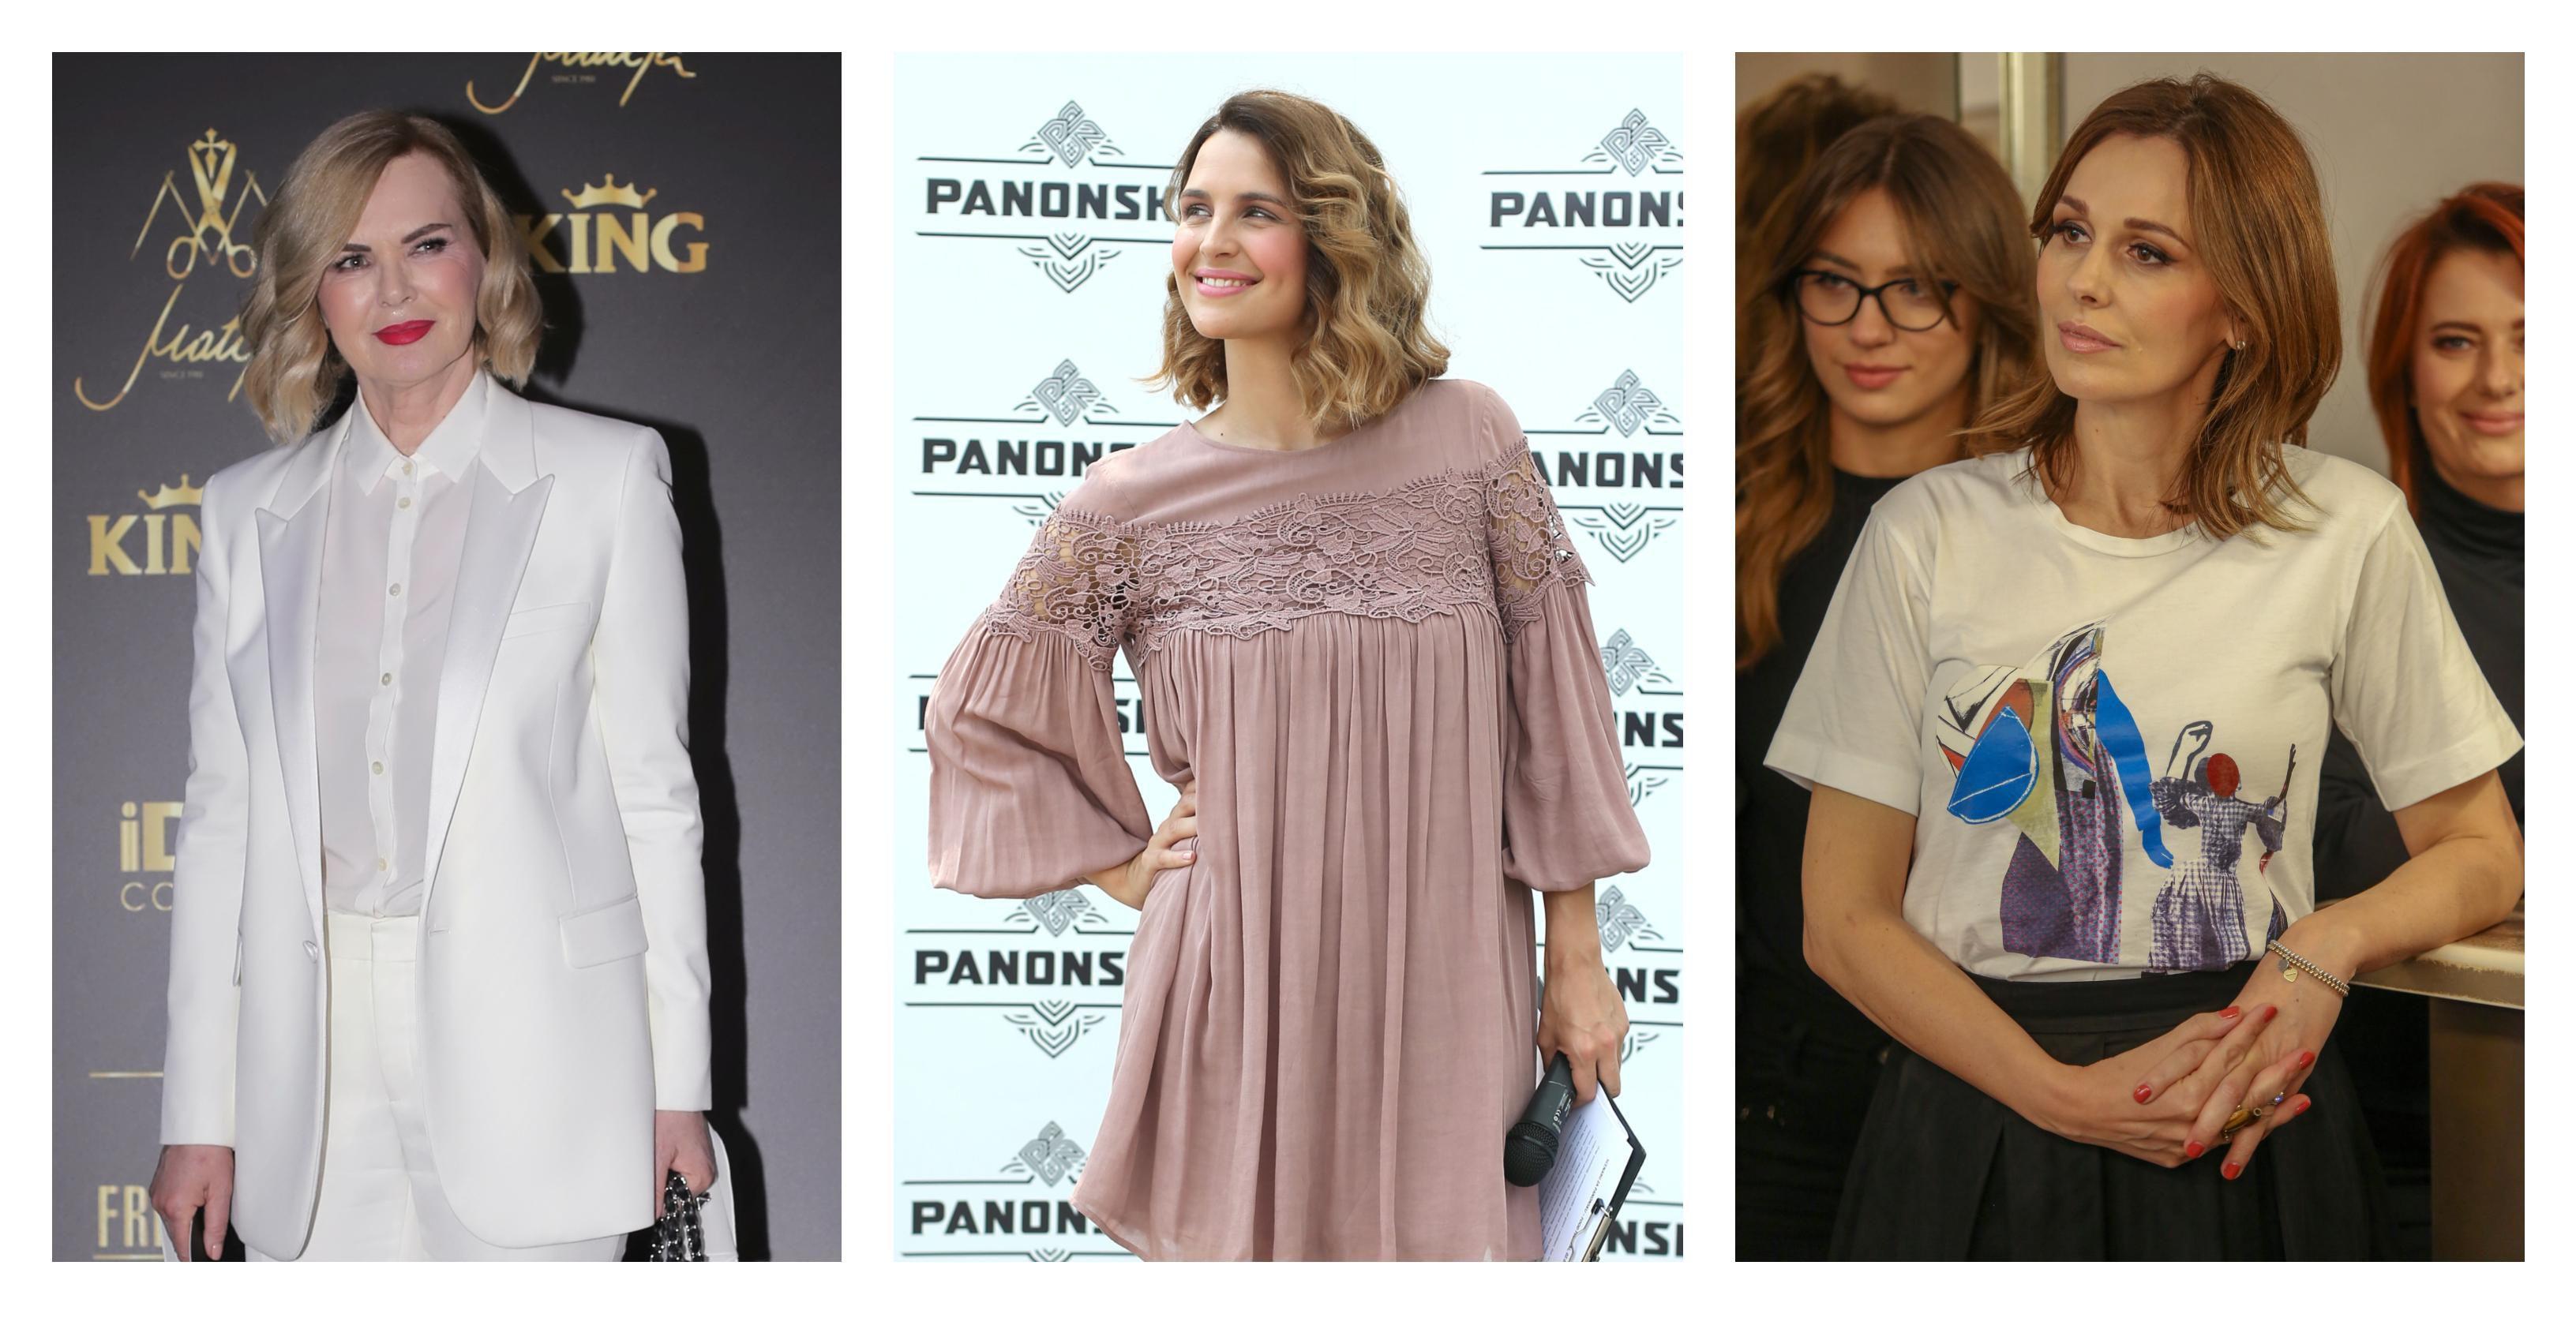 """Poznate dame, koje su se dokazale svojim djelovanjem, nosit će humanitarnu modnu reviju """"Kreirano srcem"""""""